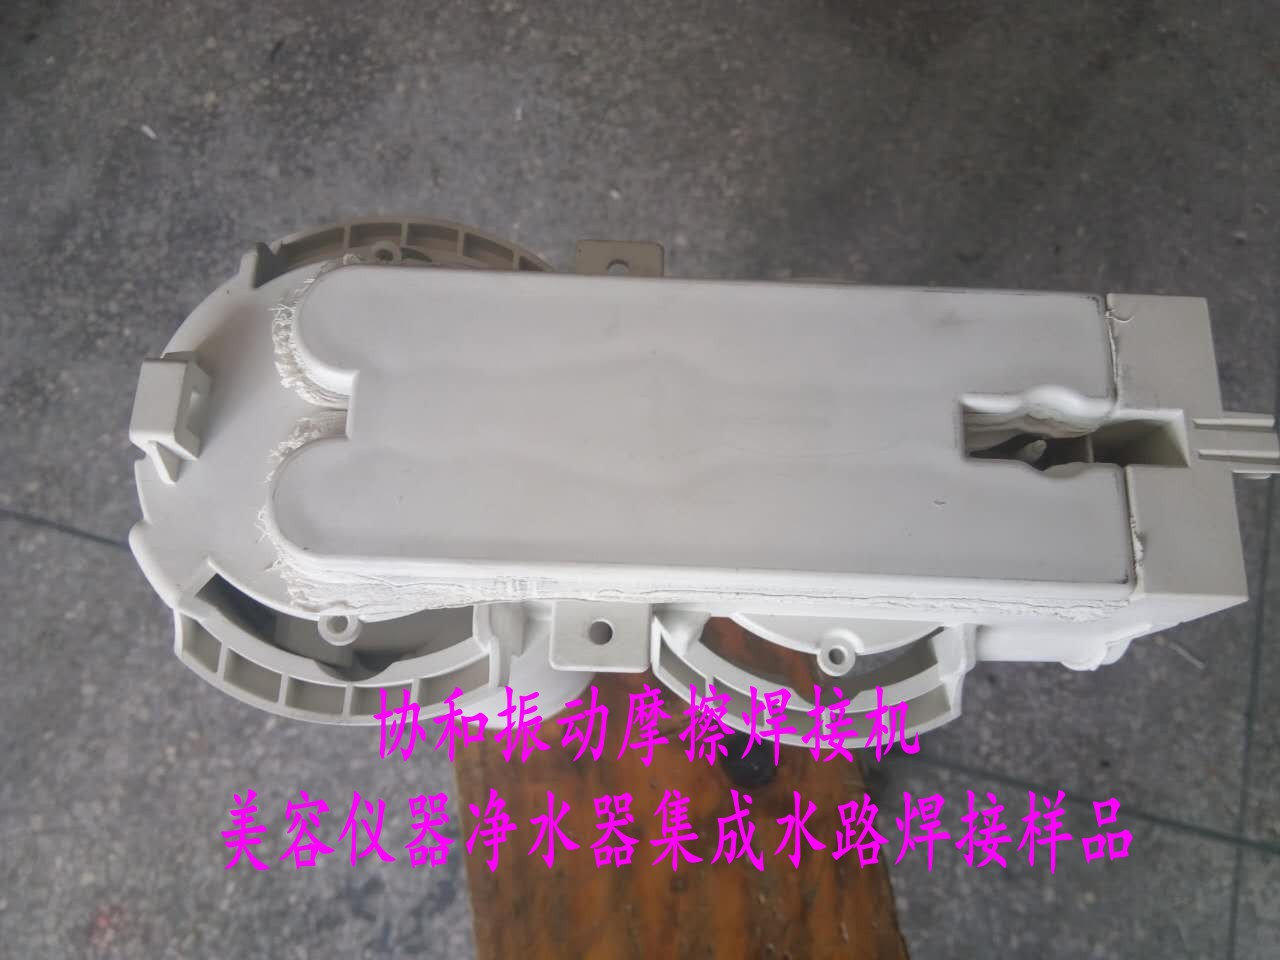 东莞振动摩擦机 FPP料防气密焊接加工 透析器震动摩擦机示例图8